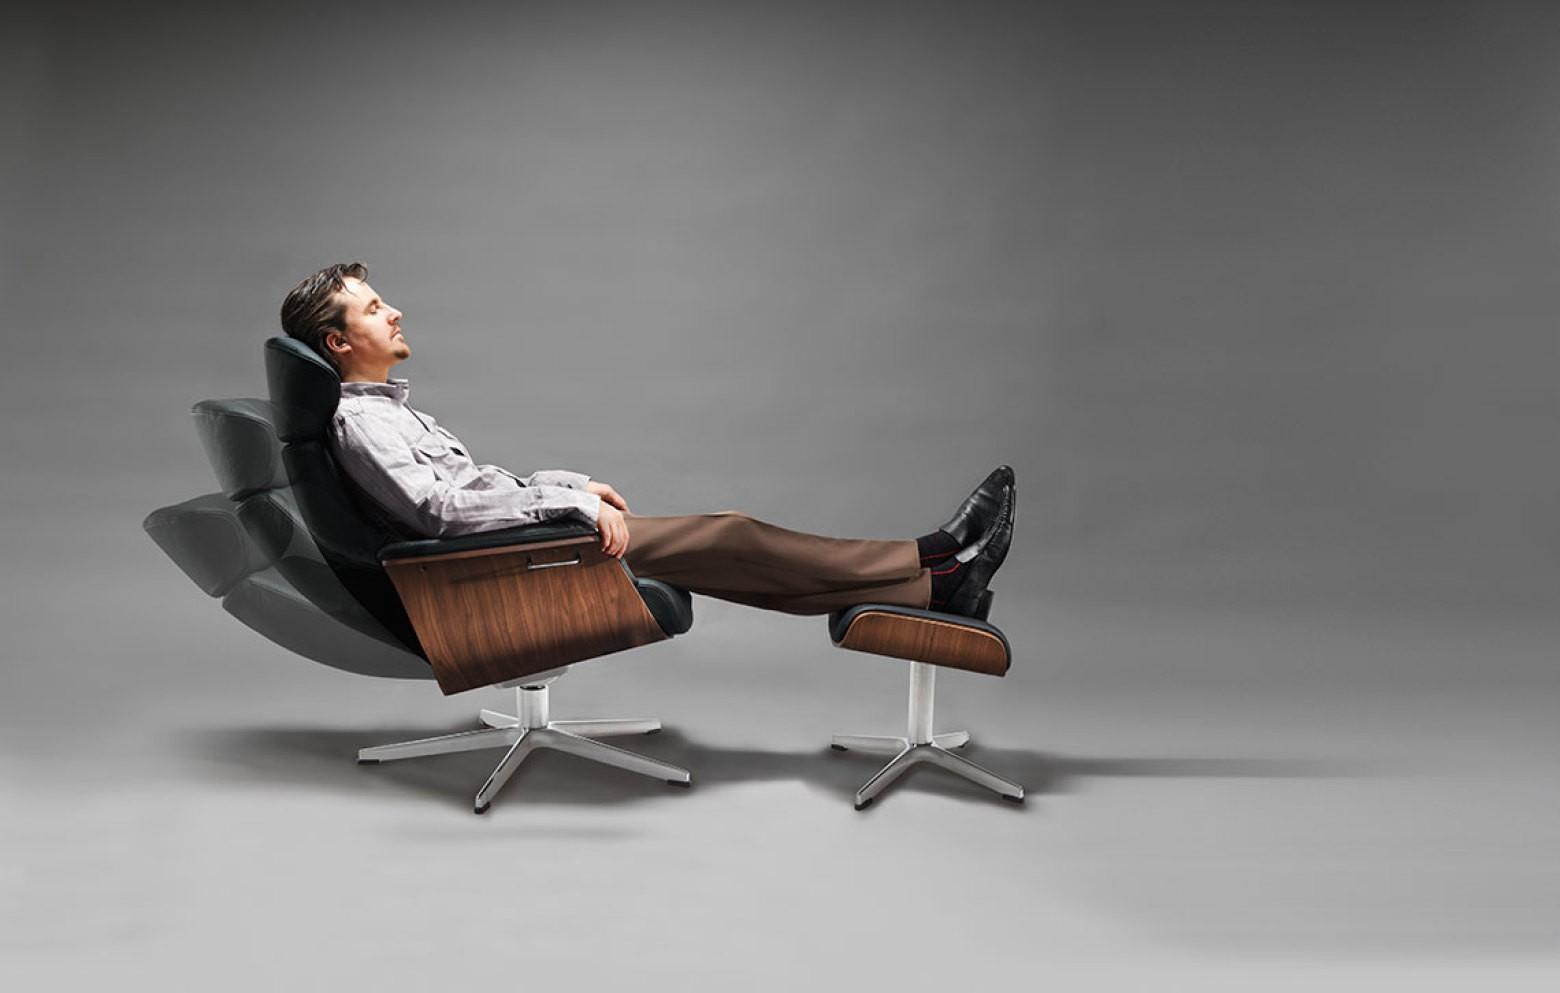 designer sessel timeout jetzt g nstig kaufen. Black Bedroom Furniture Sets. Home Design Ideas